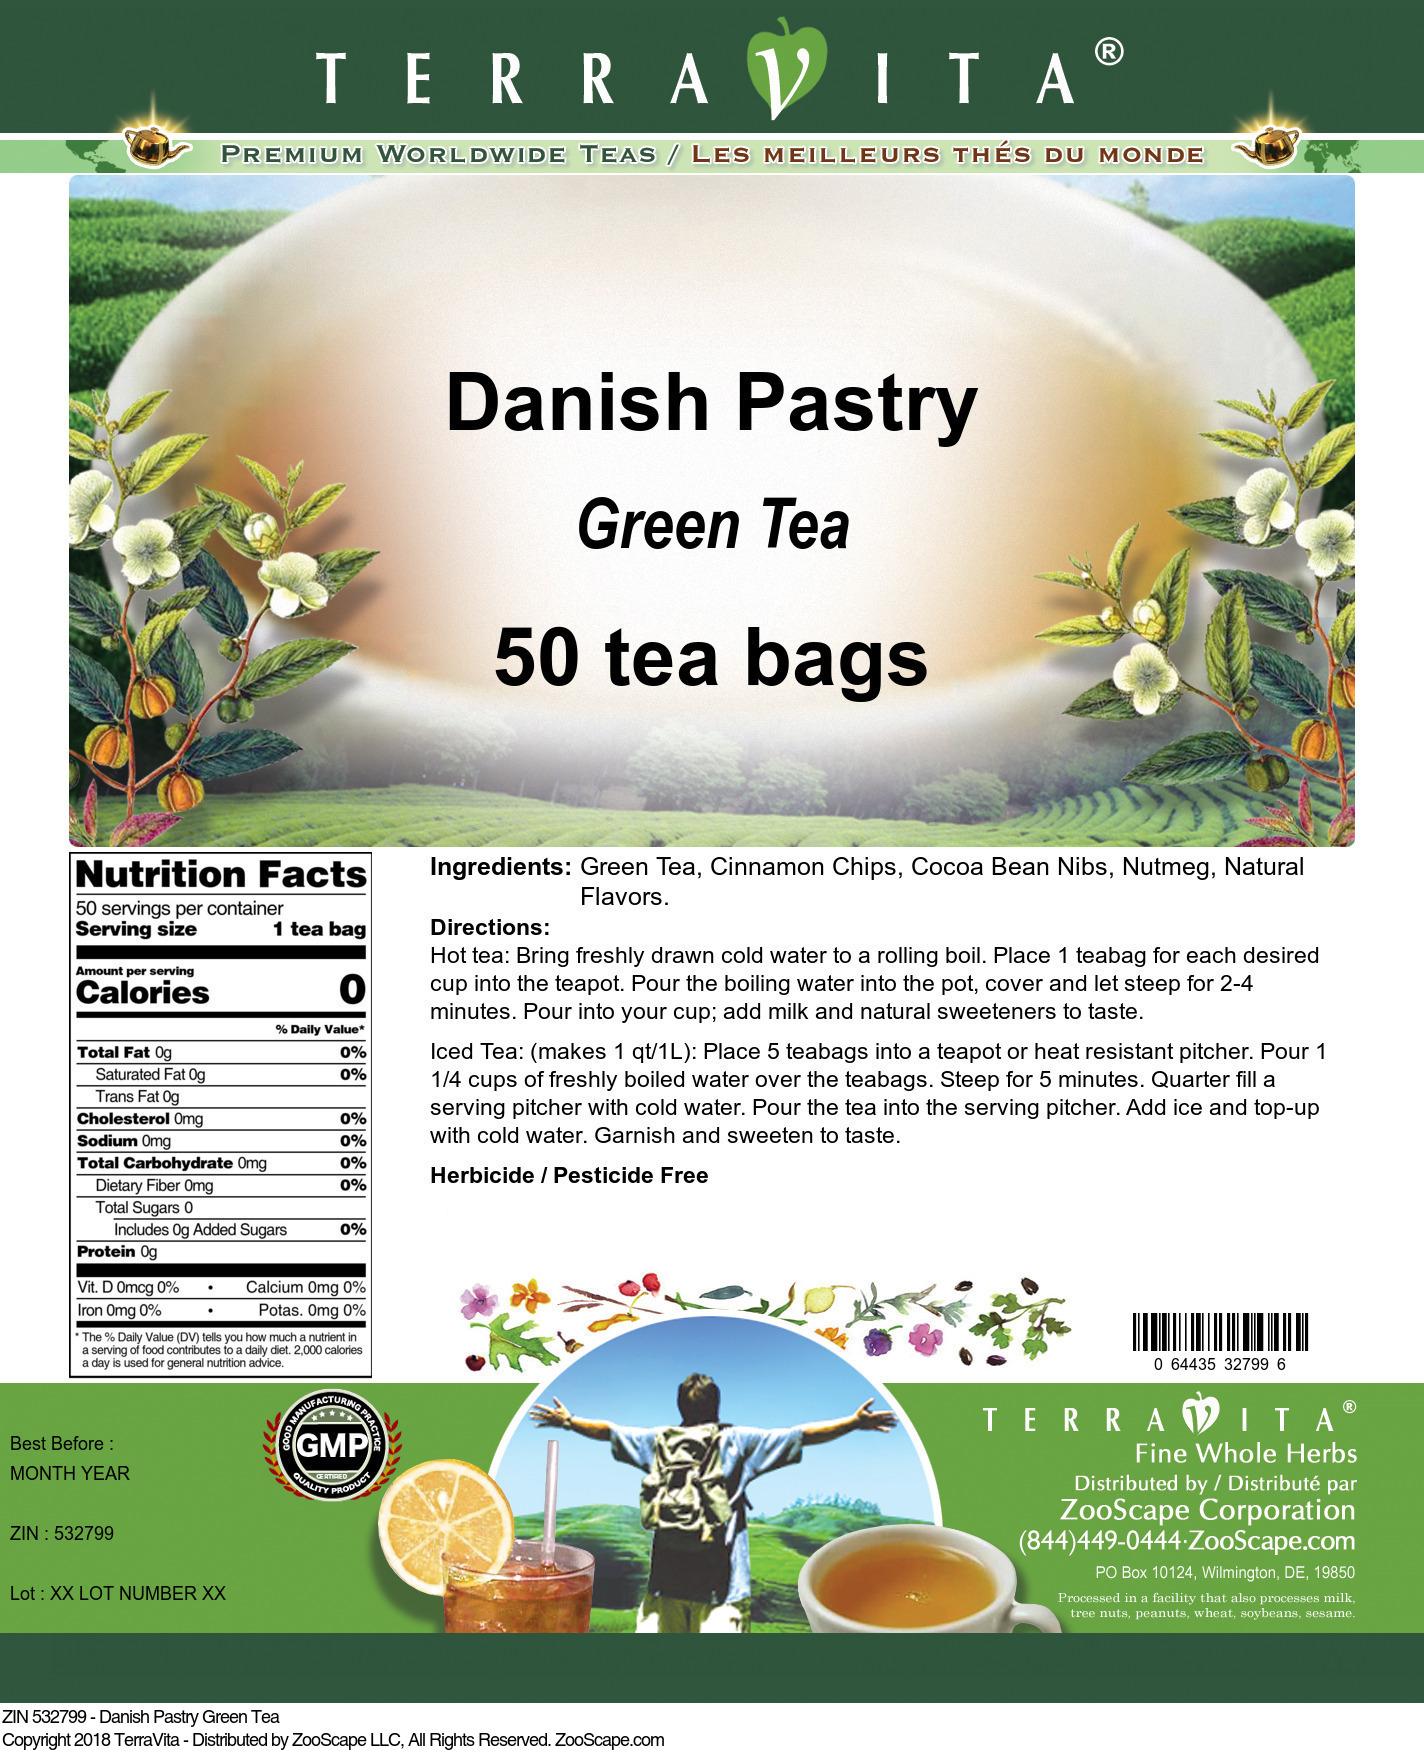 Danish Pastry Green Tea